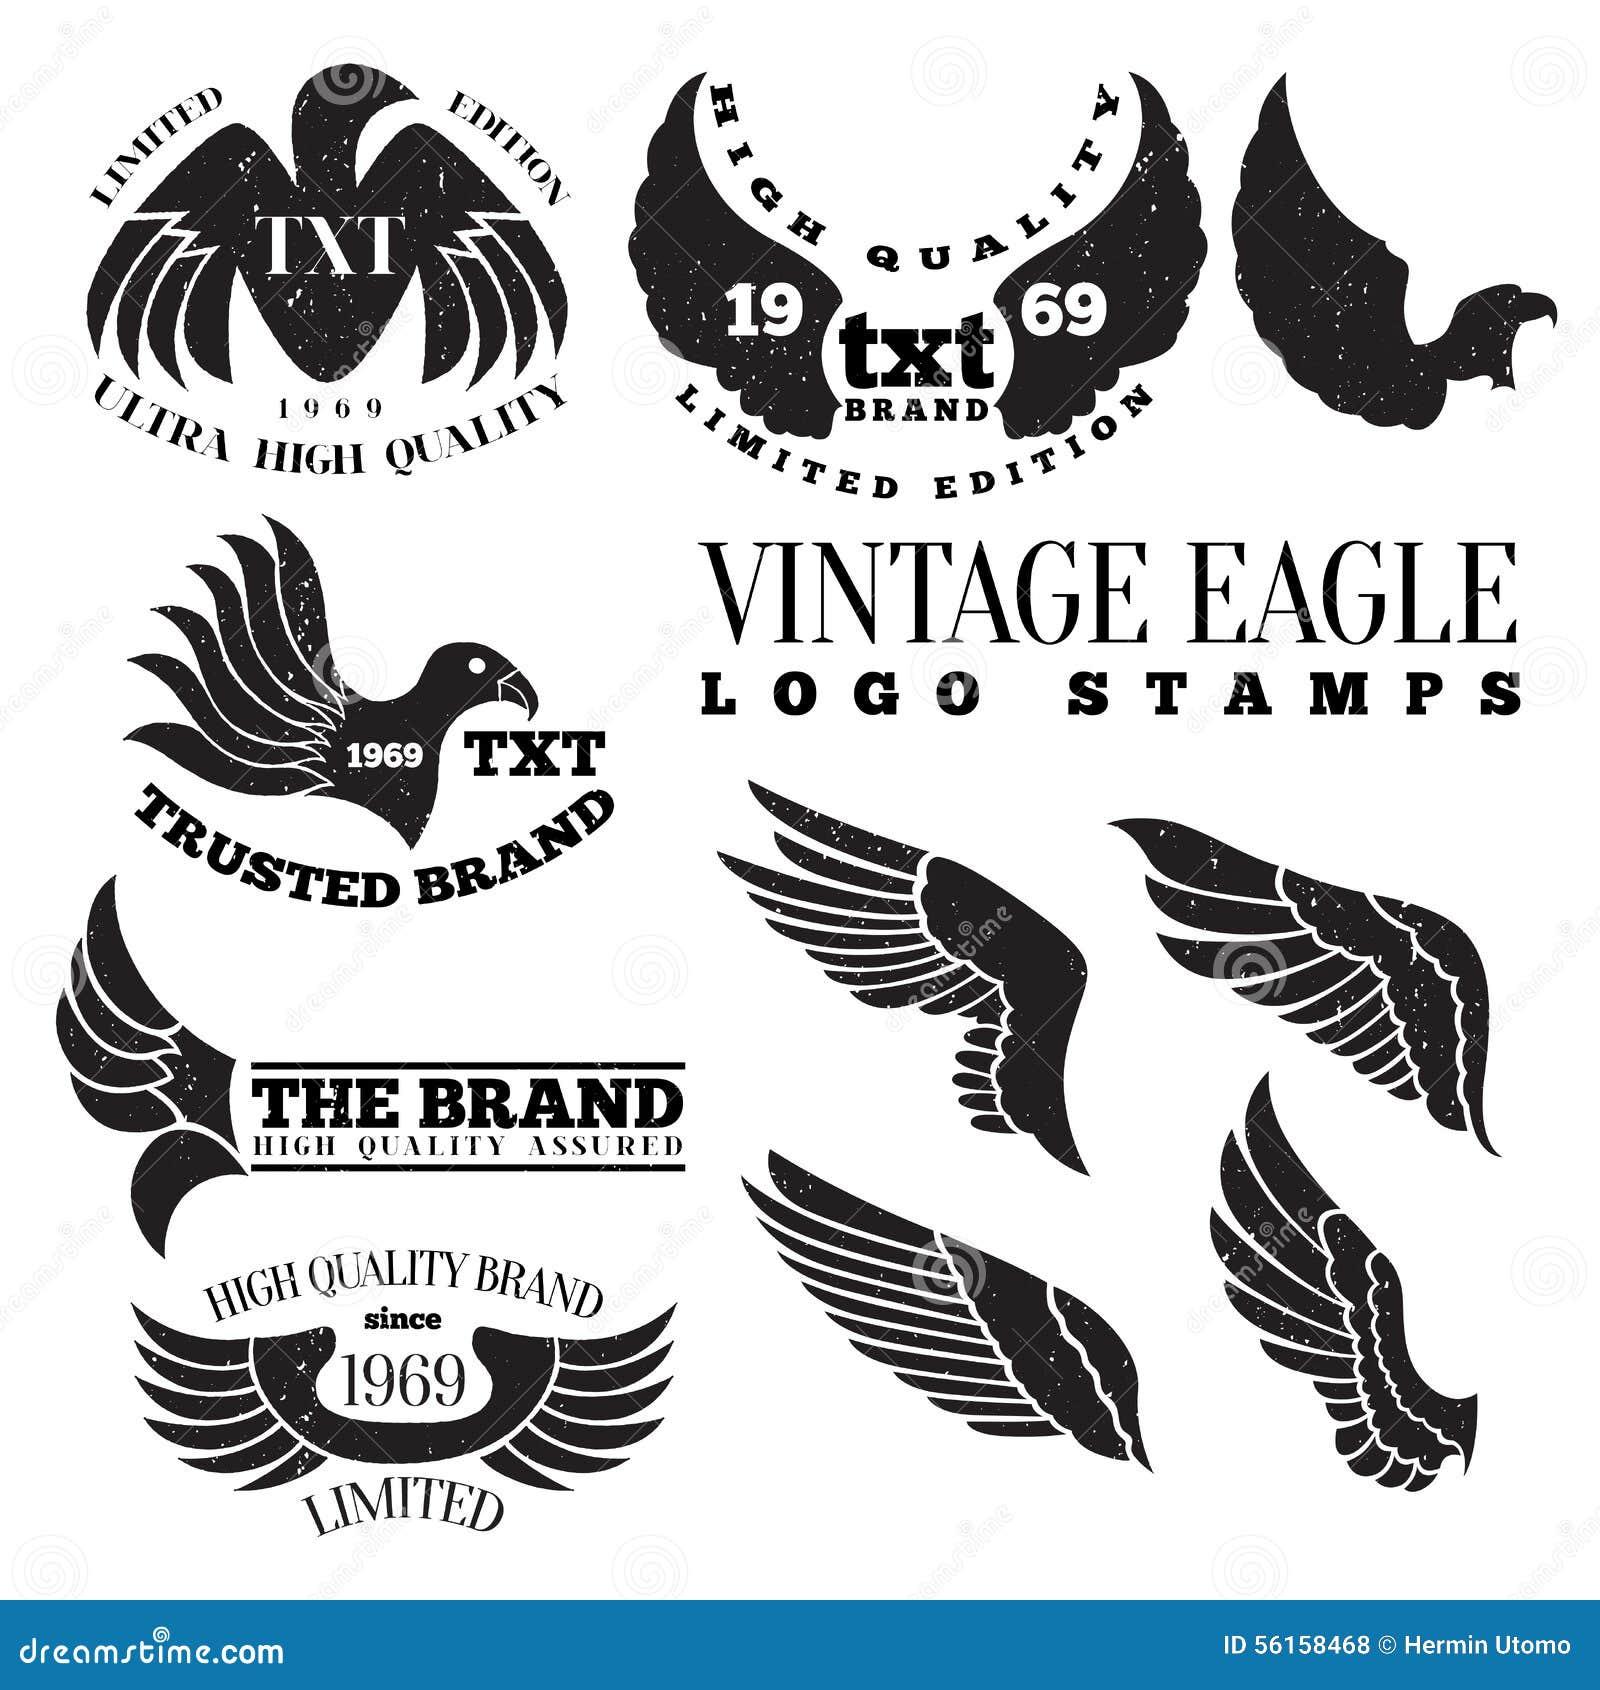 Eagle Vintage Logo Stamps